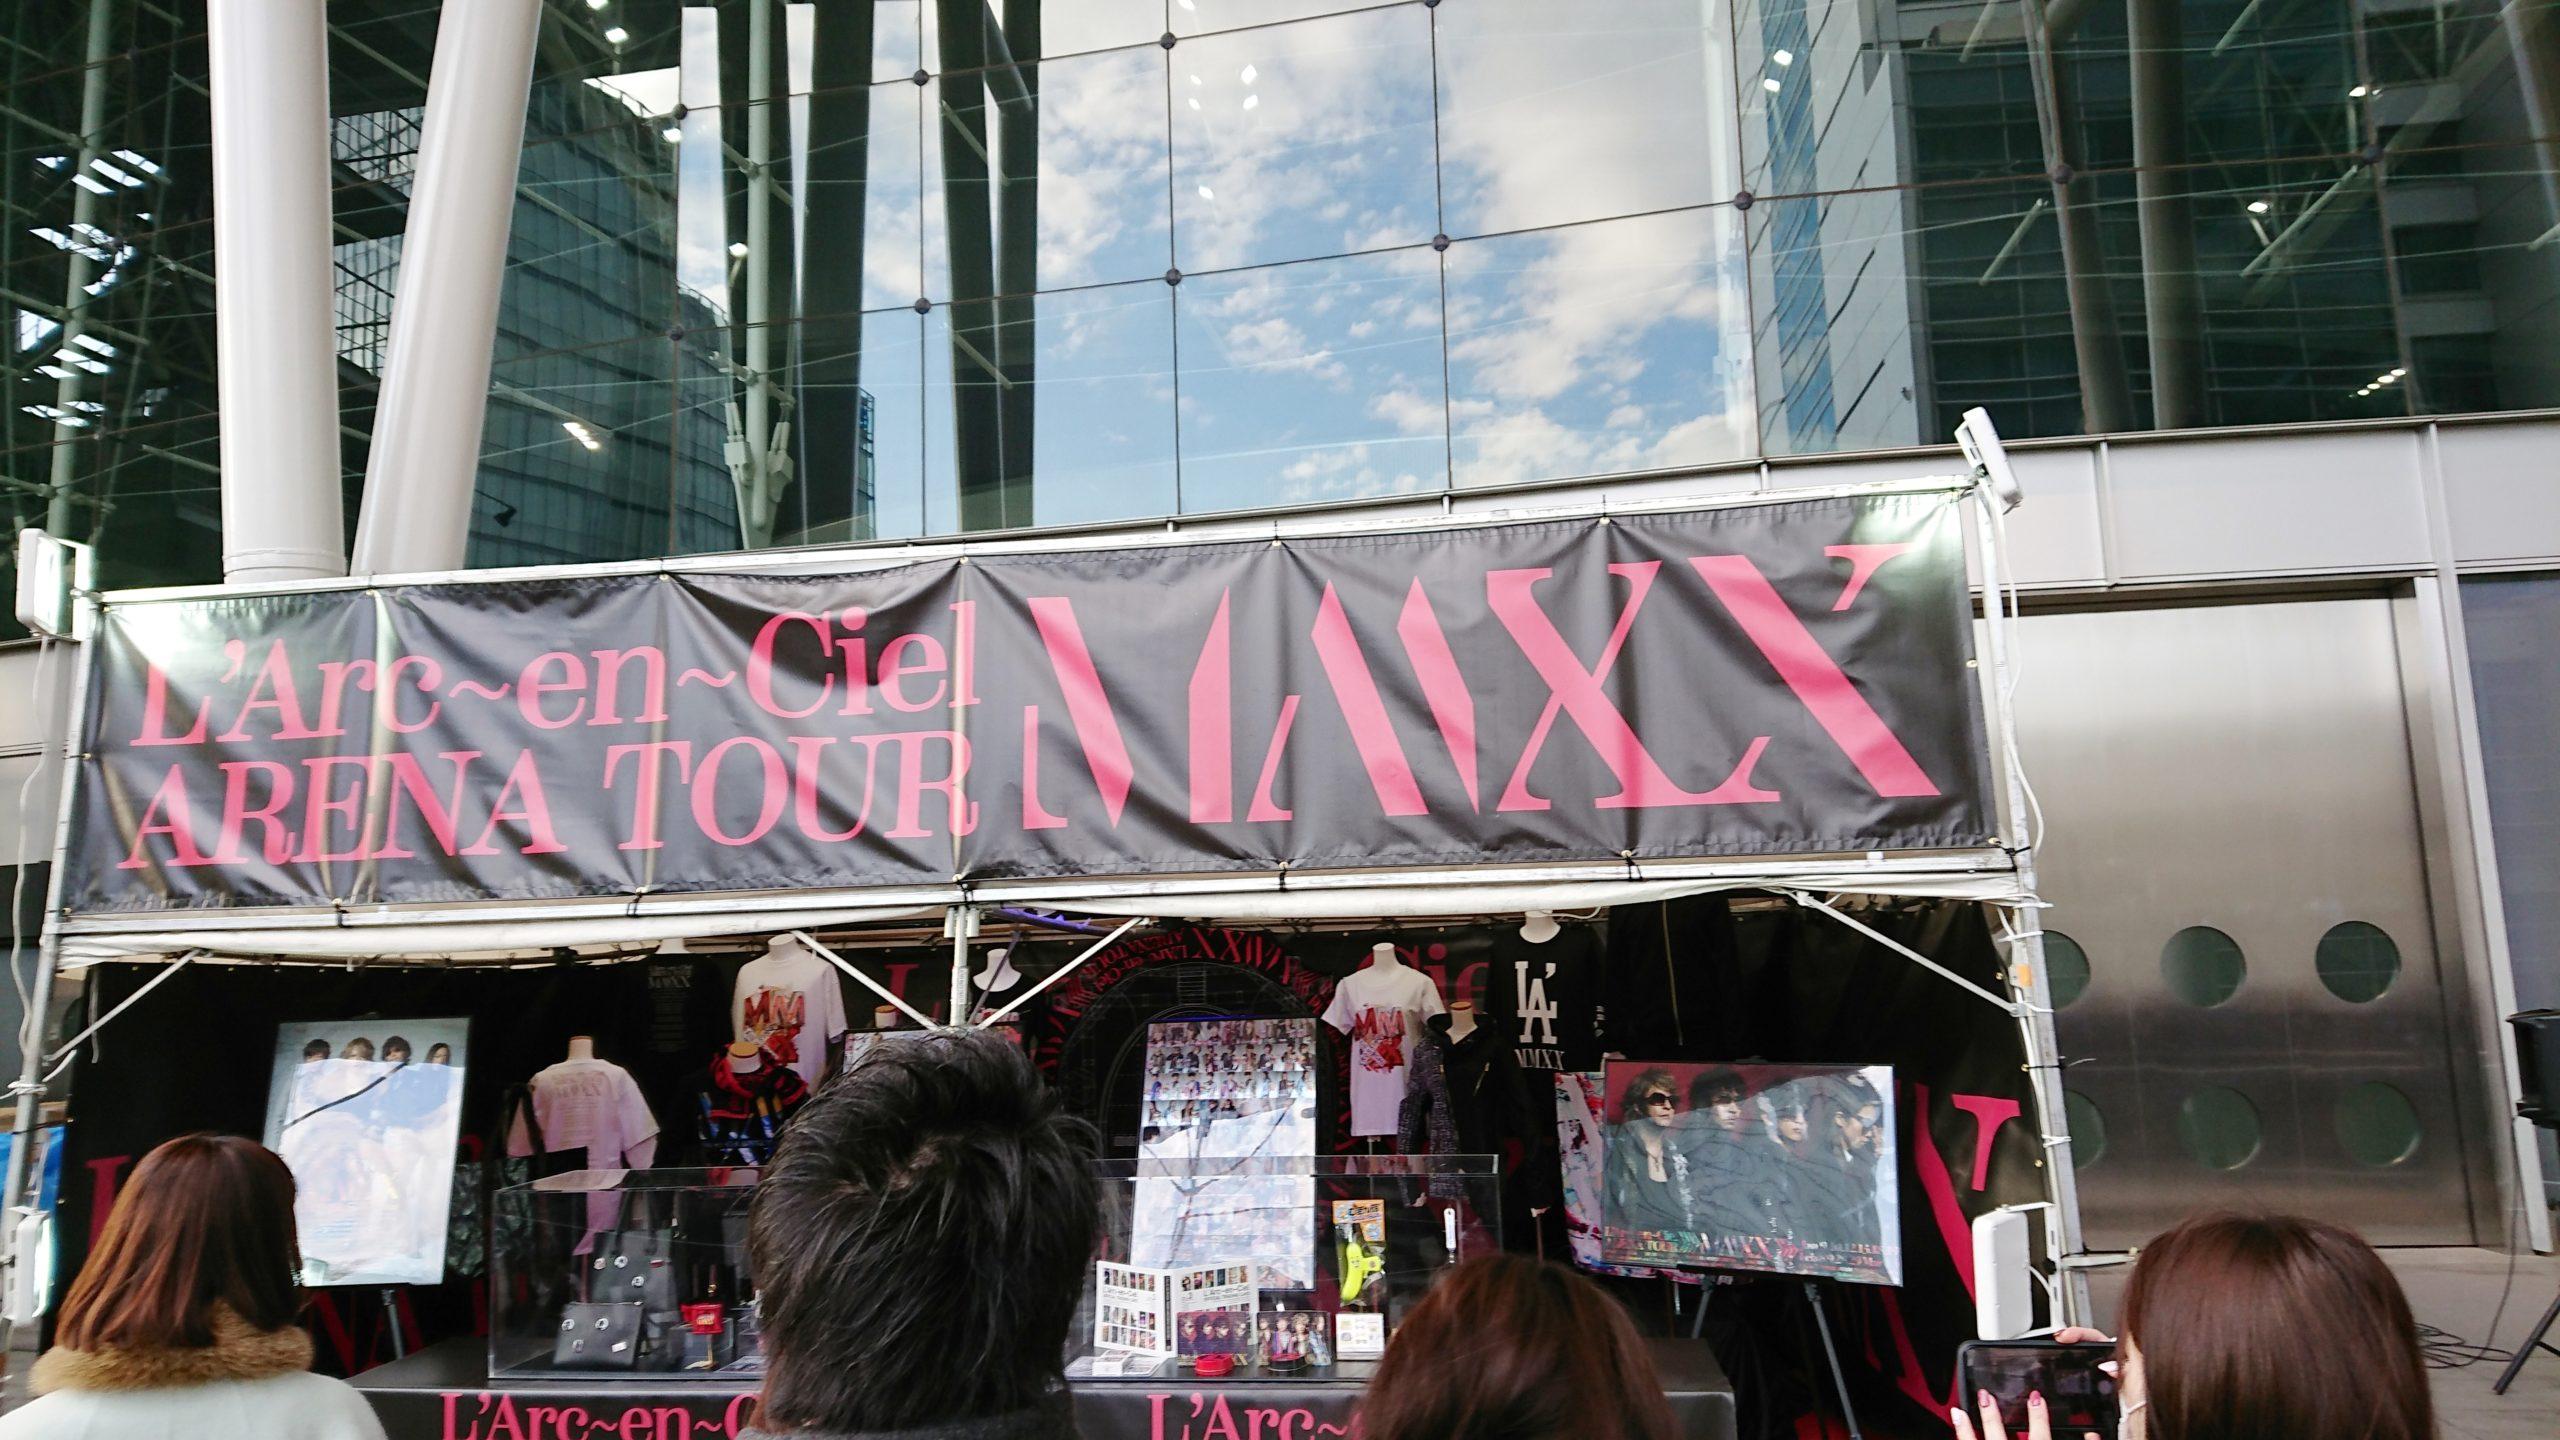 ラルクアンシエル(L'Arc~en~Ciel)アリーナツアー トゥエンティ トゥエンティ(ARENA TOUR MMXX)さいたまスーパーアリーナ初日のセトリはライブレポも紹介!_1